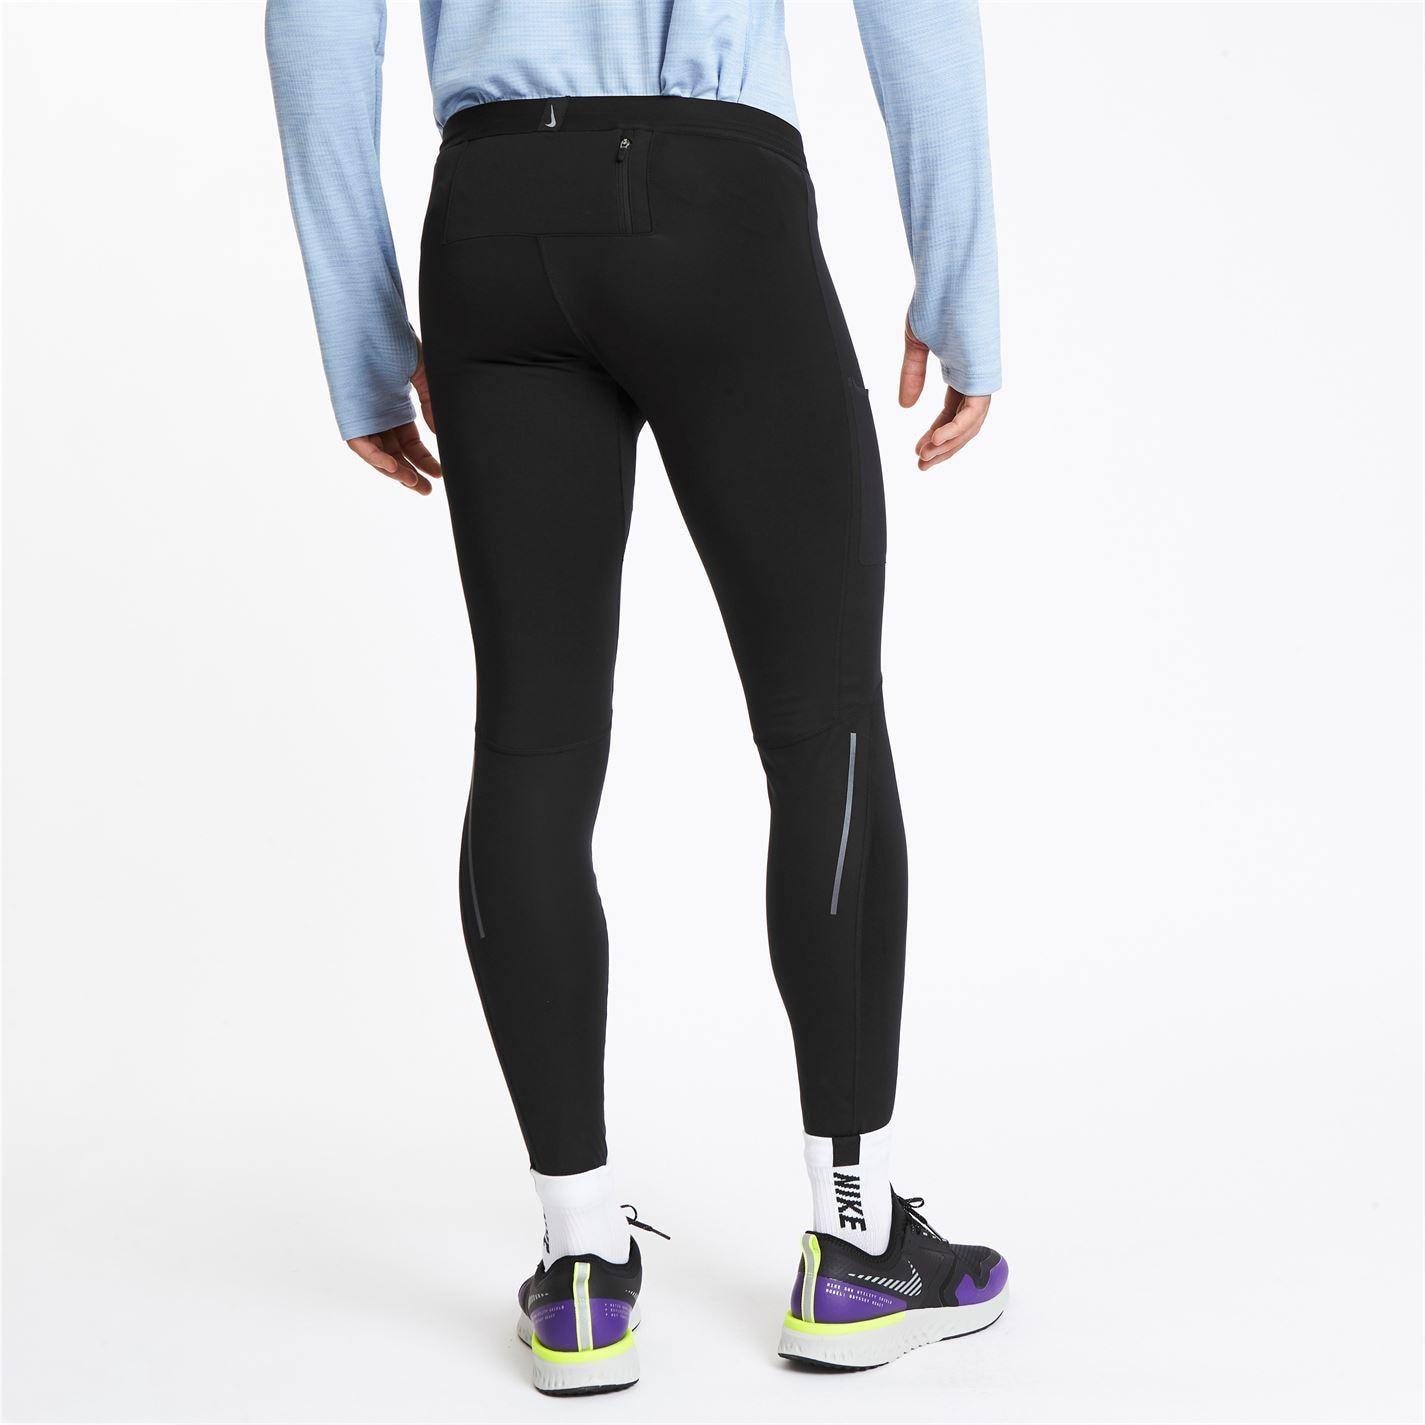 NEVICA Homme Vail Sous-Vêtement Pantalon de ski Compression Armure Thermal Peaux